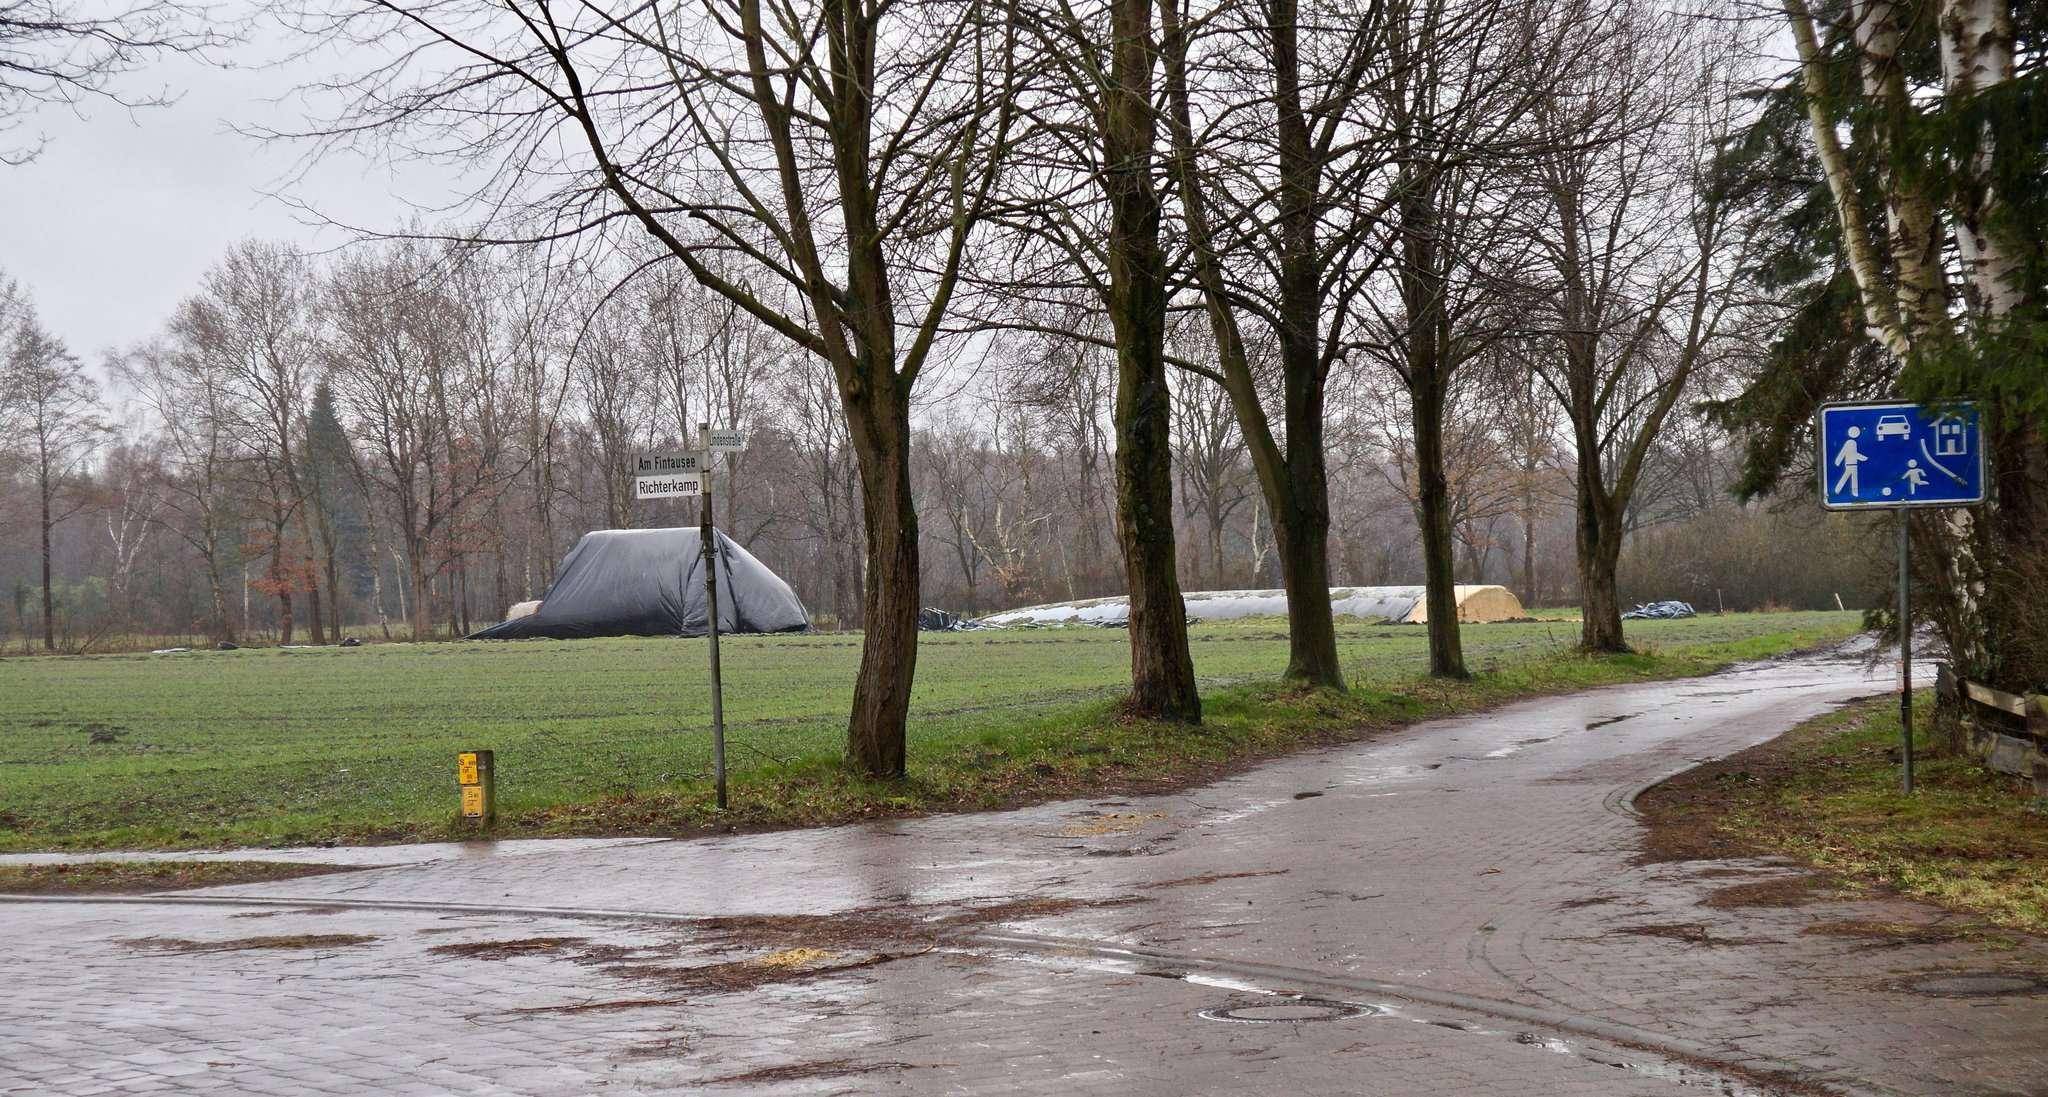 Das in der Bevölkerung kontrovers und mit viel Zuspruch diskutierte Neubaugebiet Treiderkamp in Fintel wird auf 2021 geschoben, somit die aktuellen Haushaltskosten entlasten. Foto: Hans-Jörg Werth